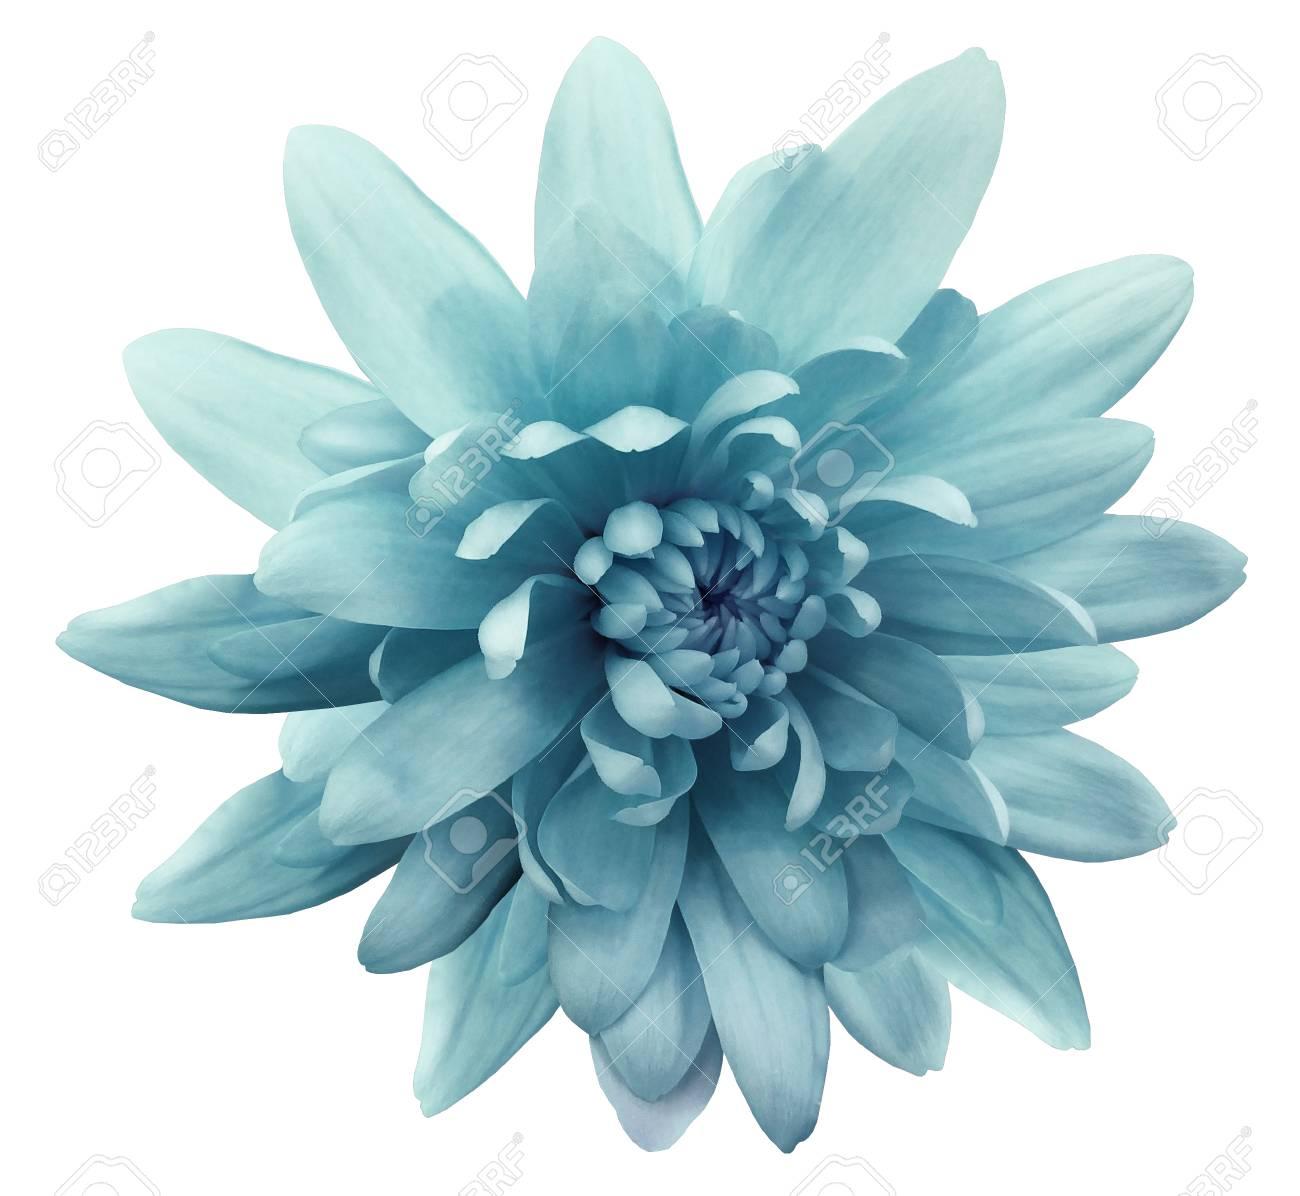 Chrysanthème De Fleurs Turquoise. Fleur De Jardin. Fond Blanc Isolé ...